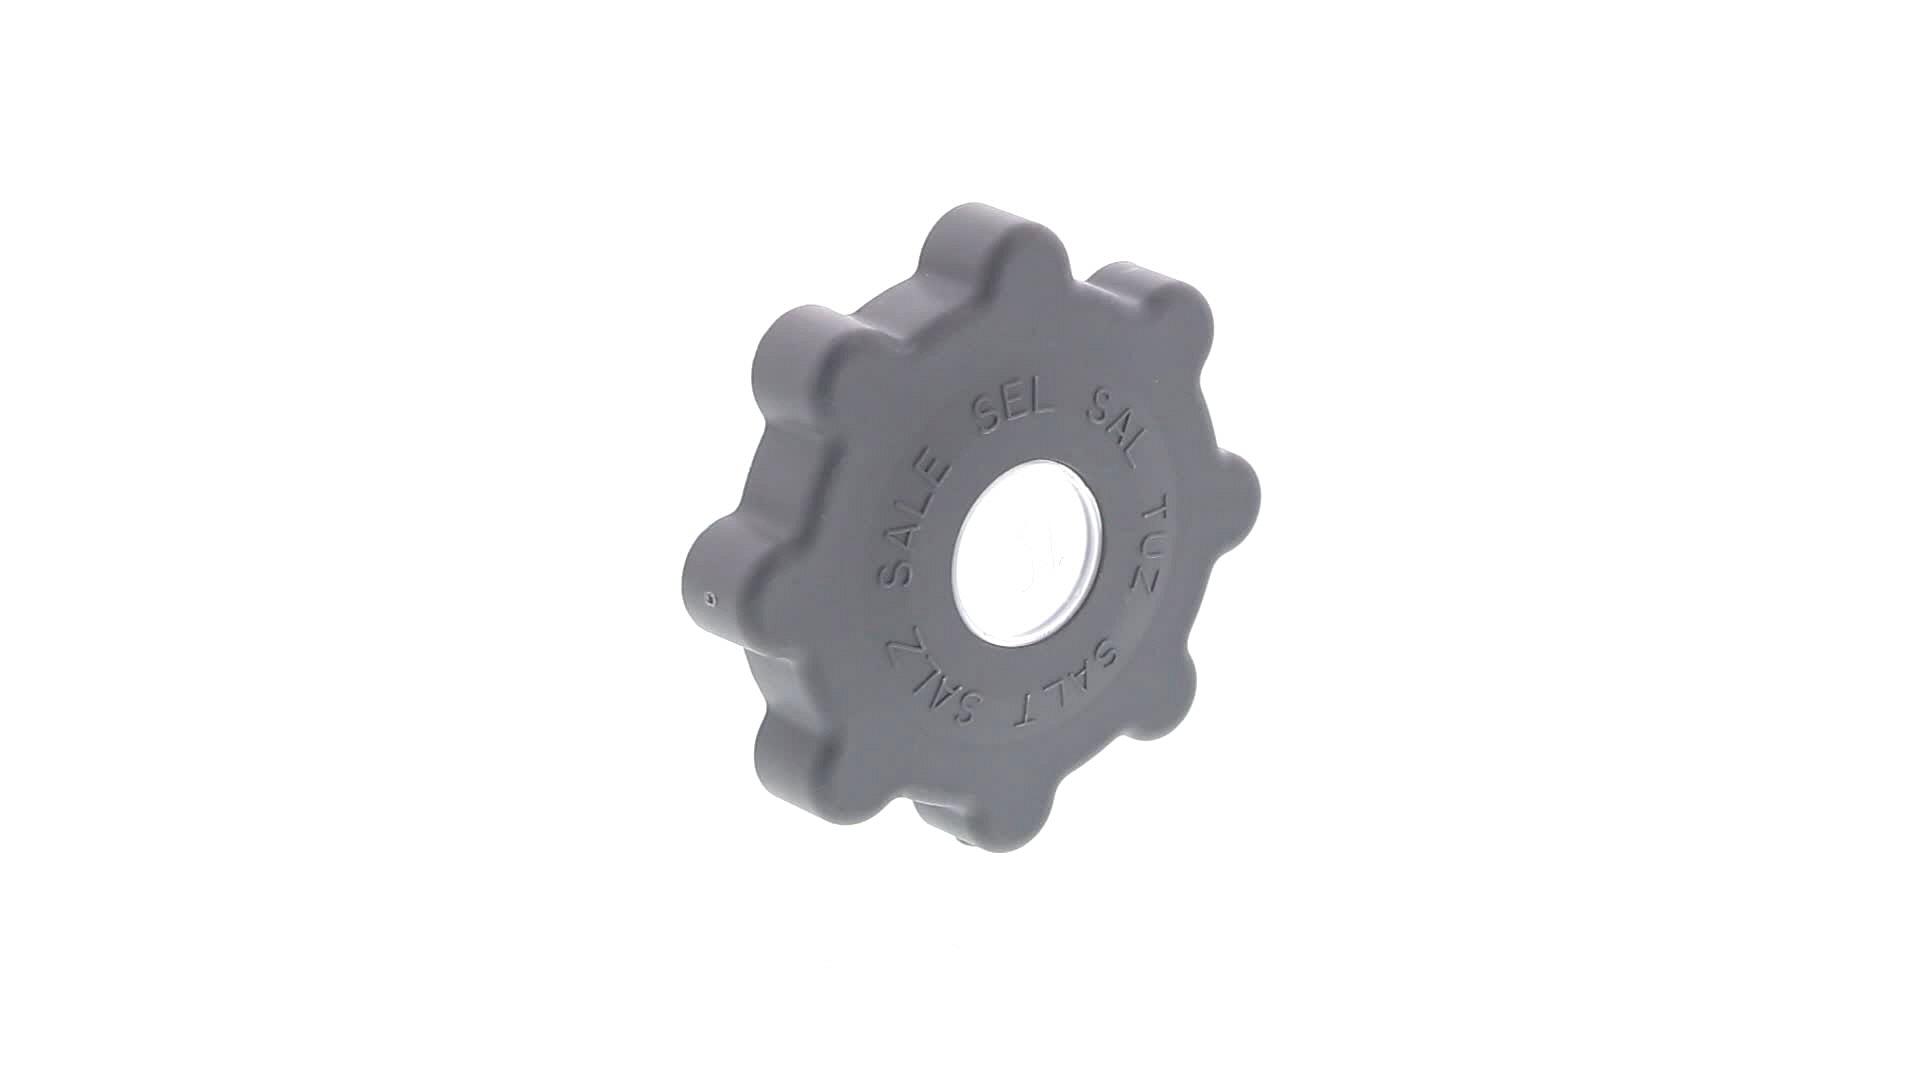 BOUCHON LAVE-VAISSELLE BAC SEL 90mm GRIS FONCE